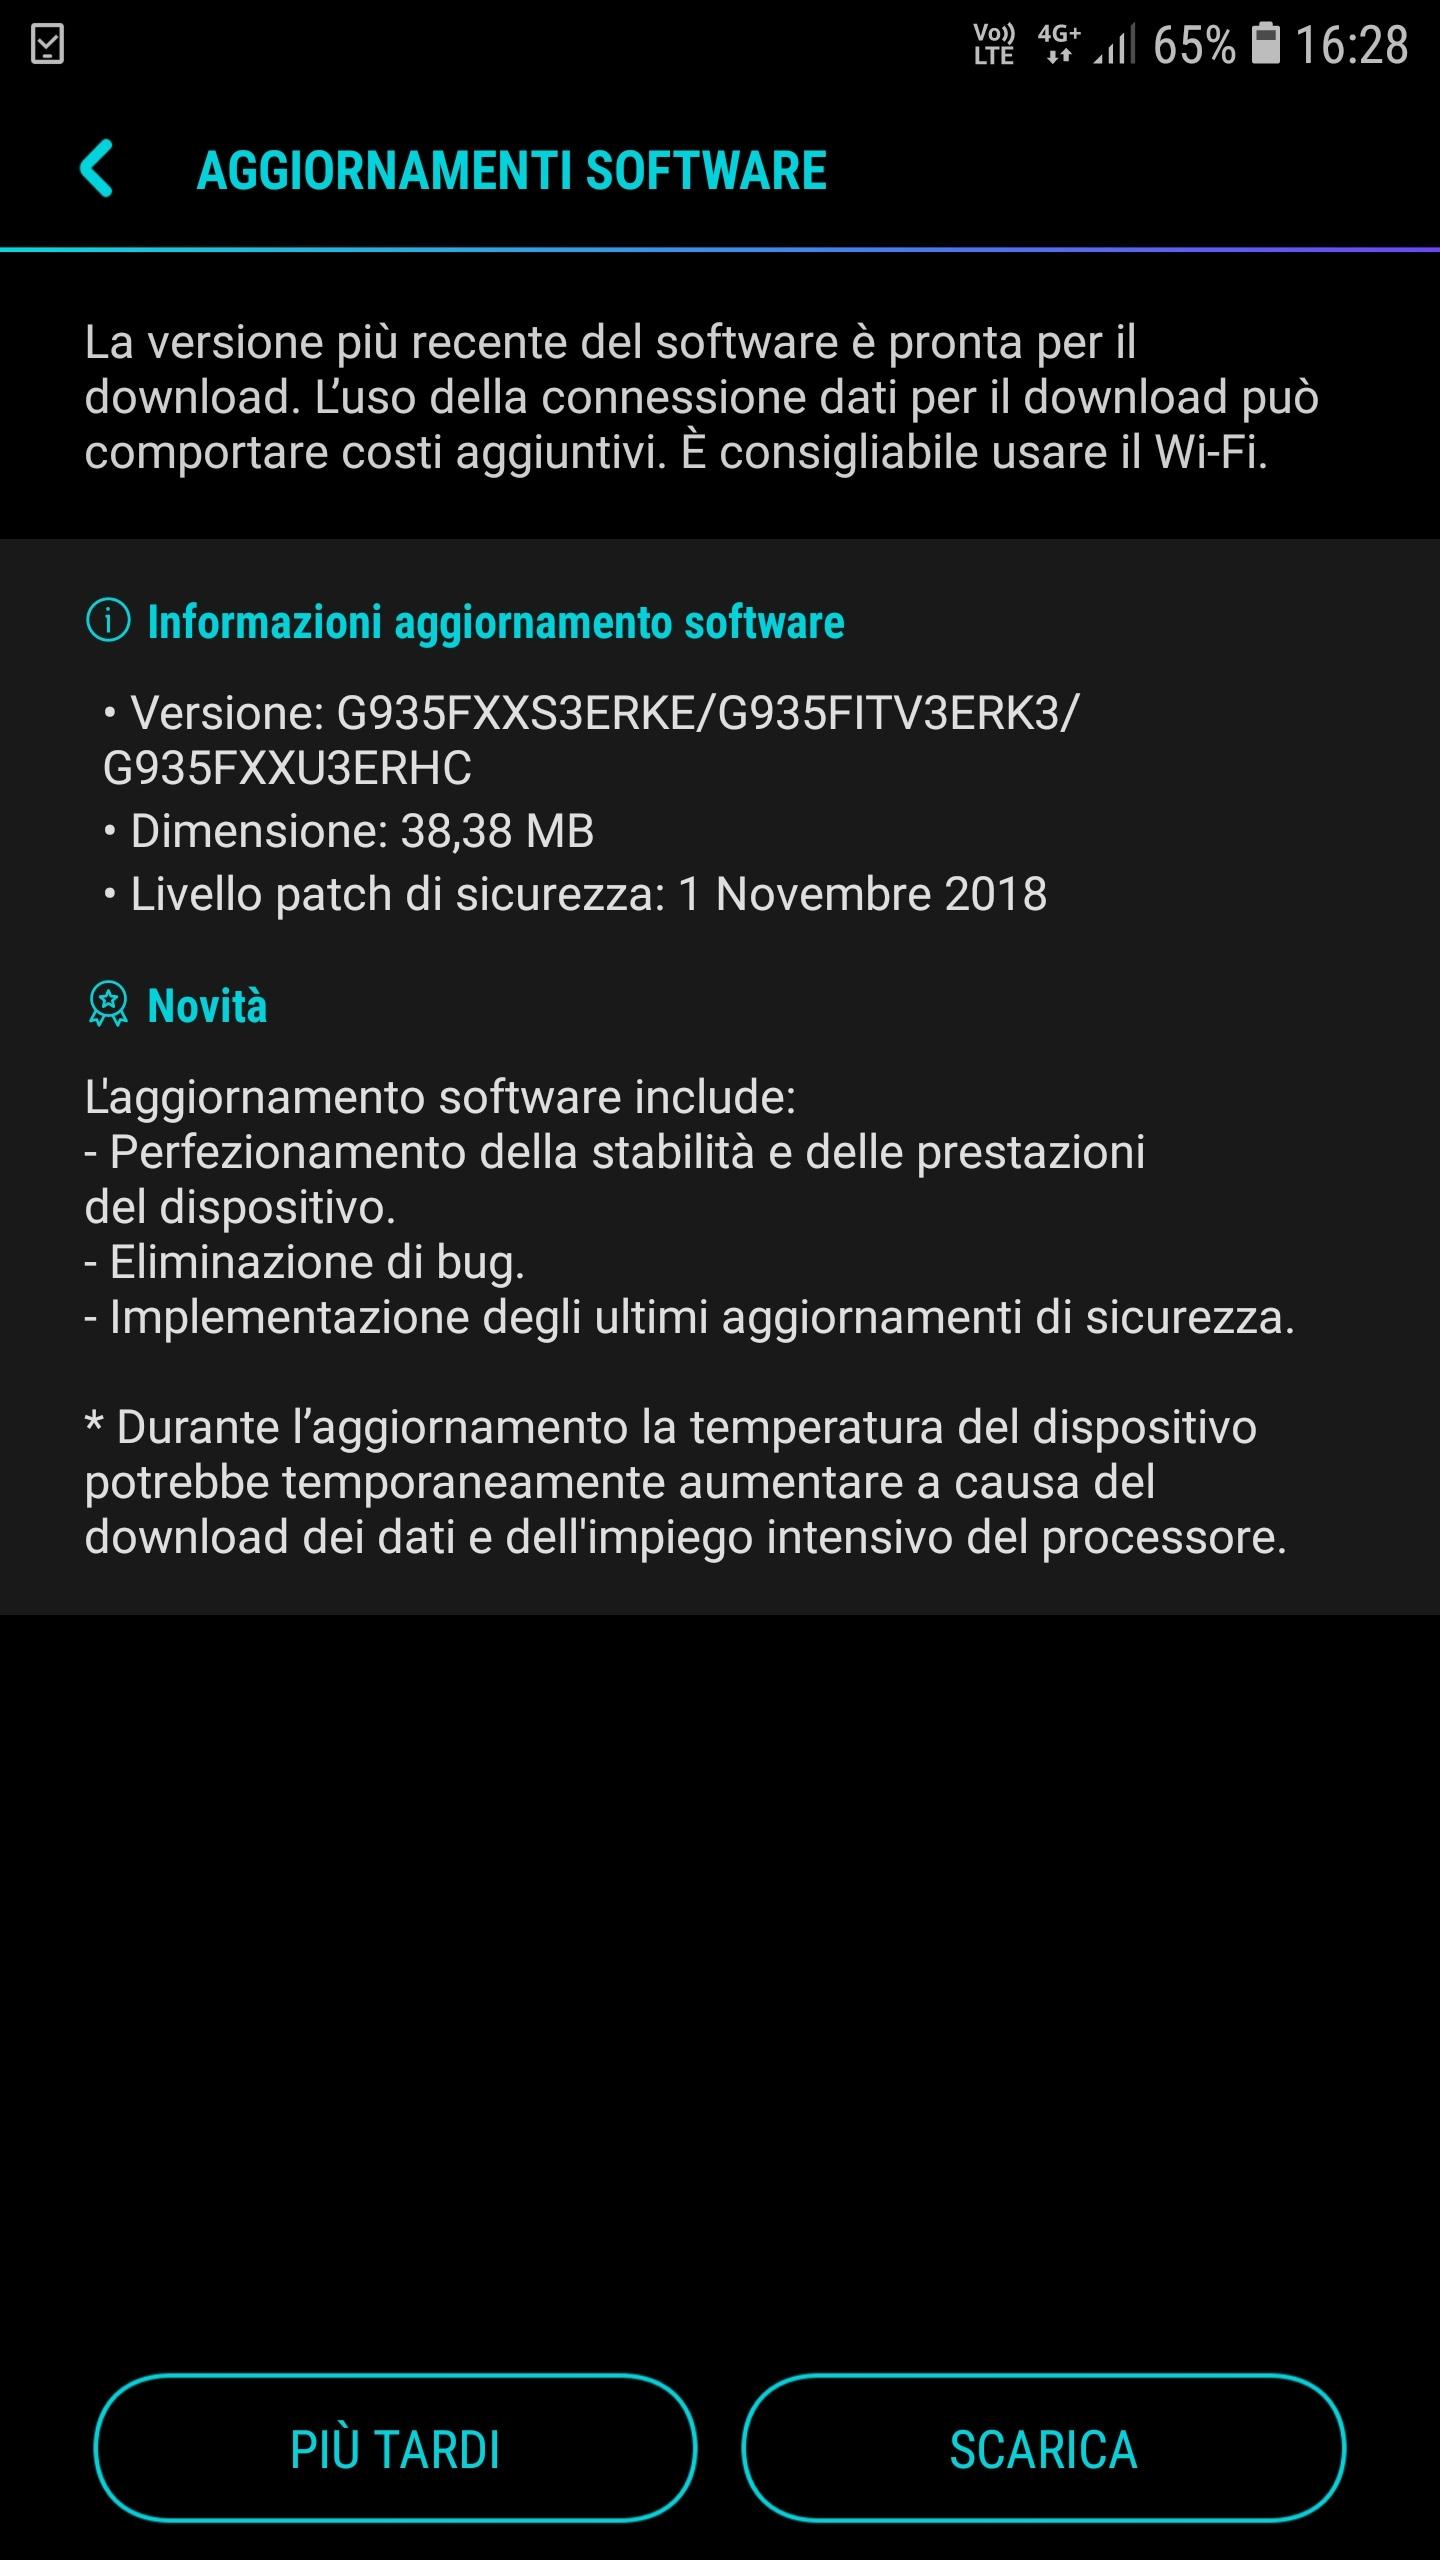 Samsung-Galaxy-S7-edge-aggiornamento-dicembre-2018